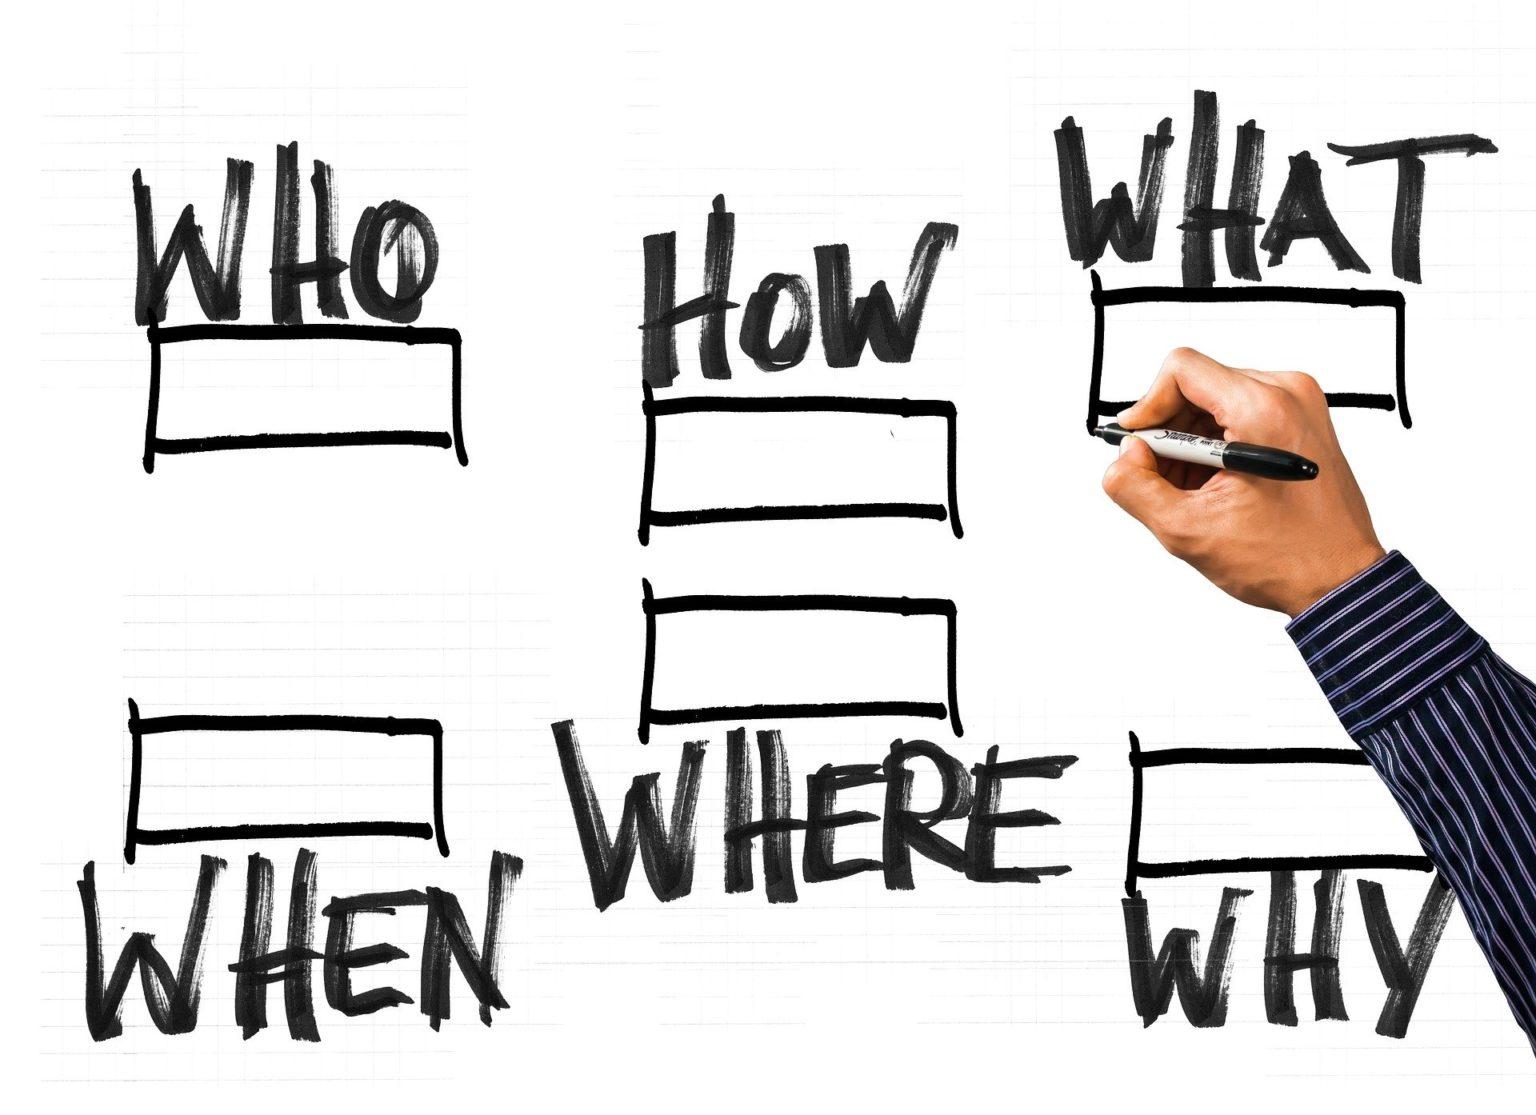 Questions à se poser lors de la réalisation d'une stratégie de communication